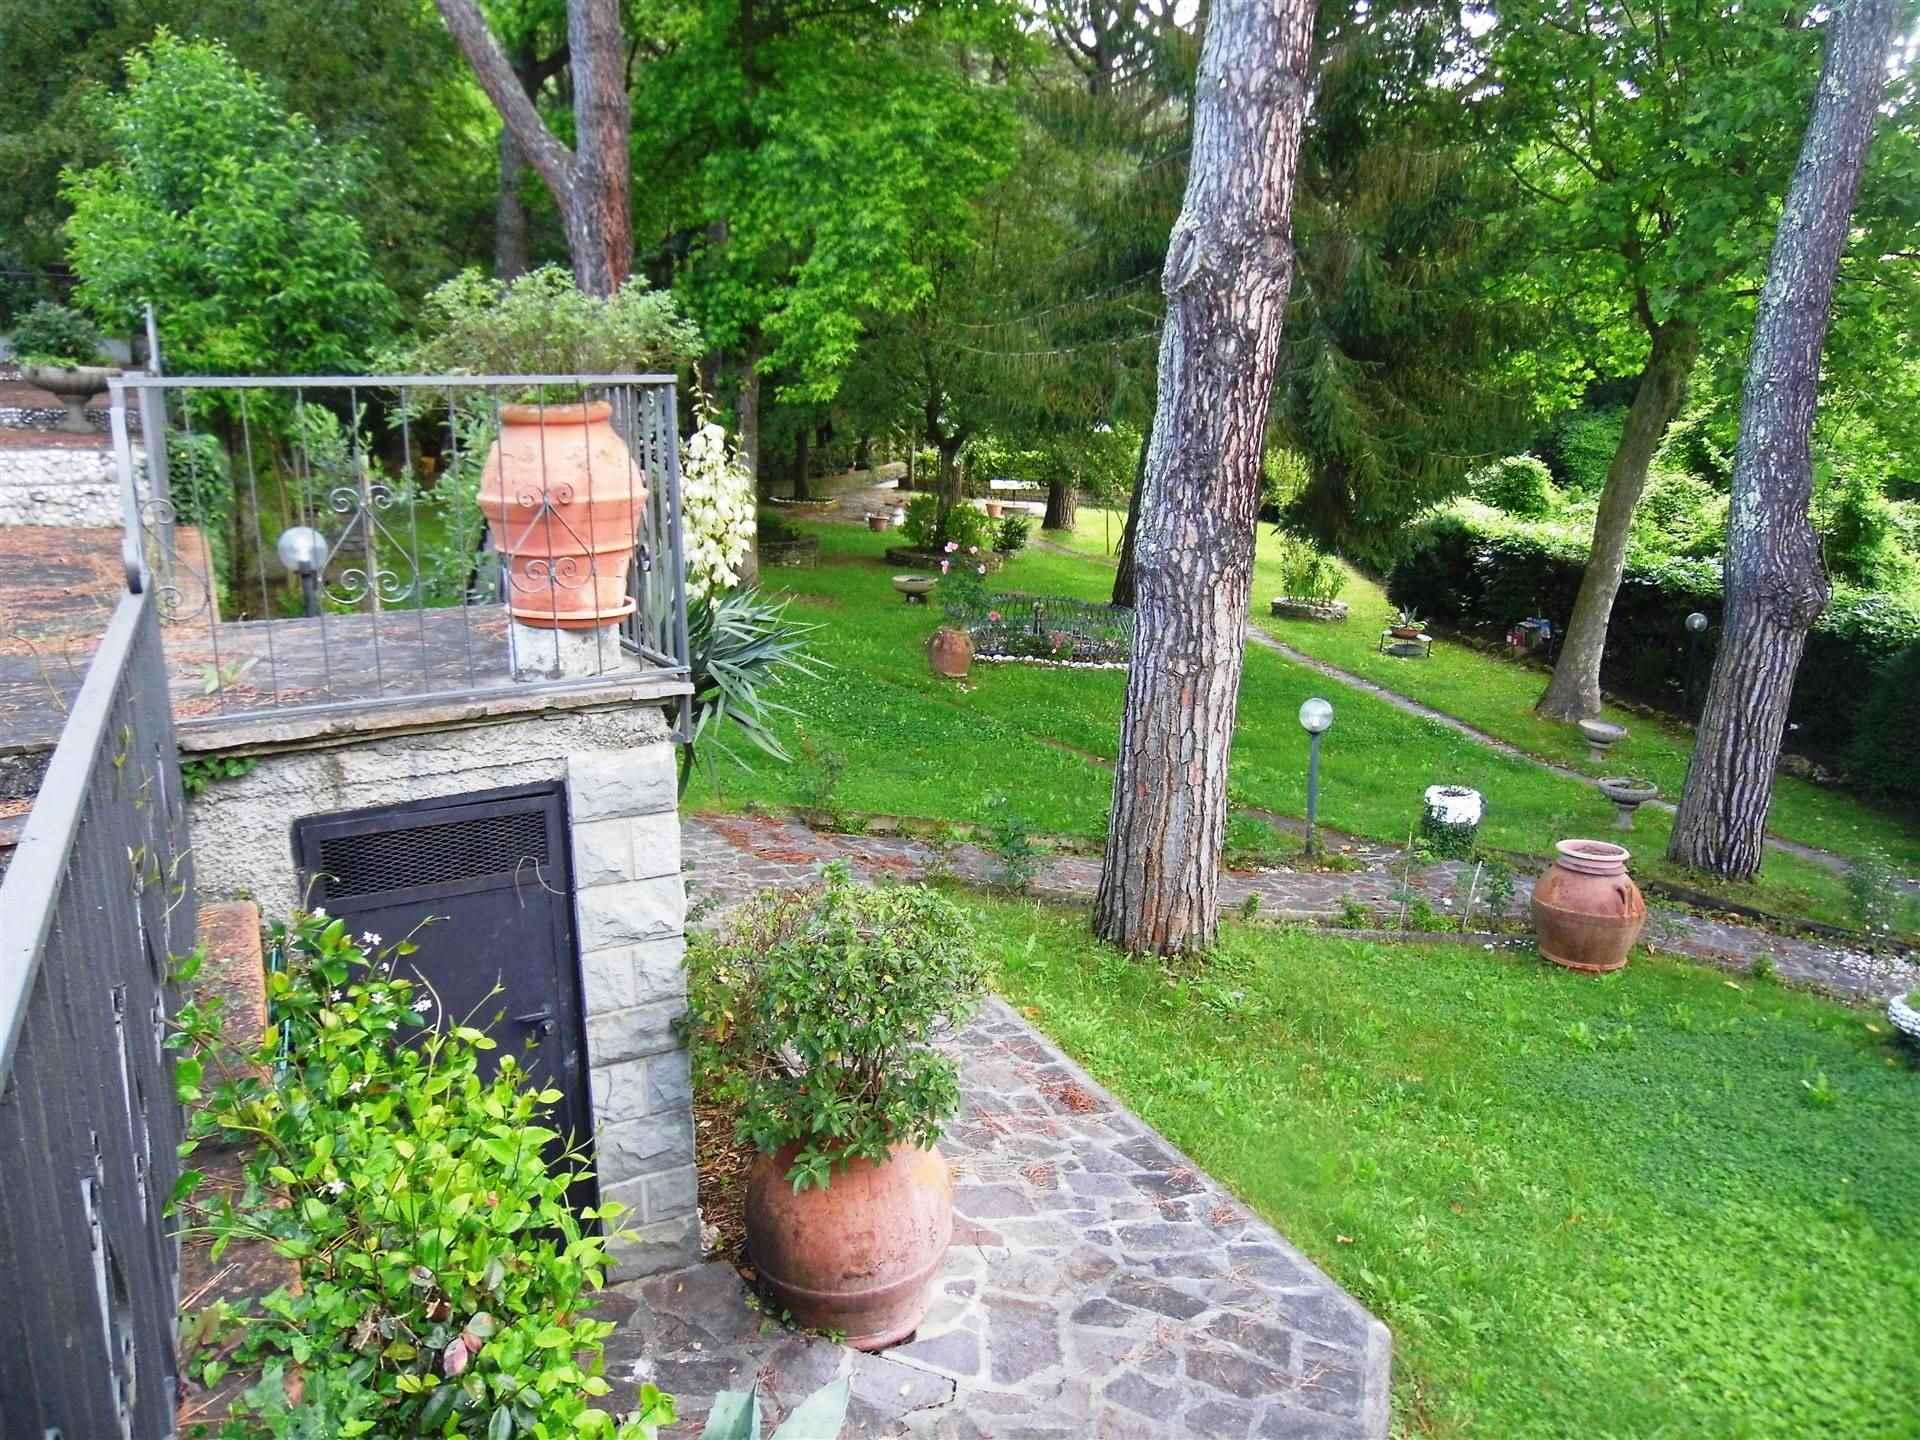 giardino con alberi di alto fusto - Rif. 3/415